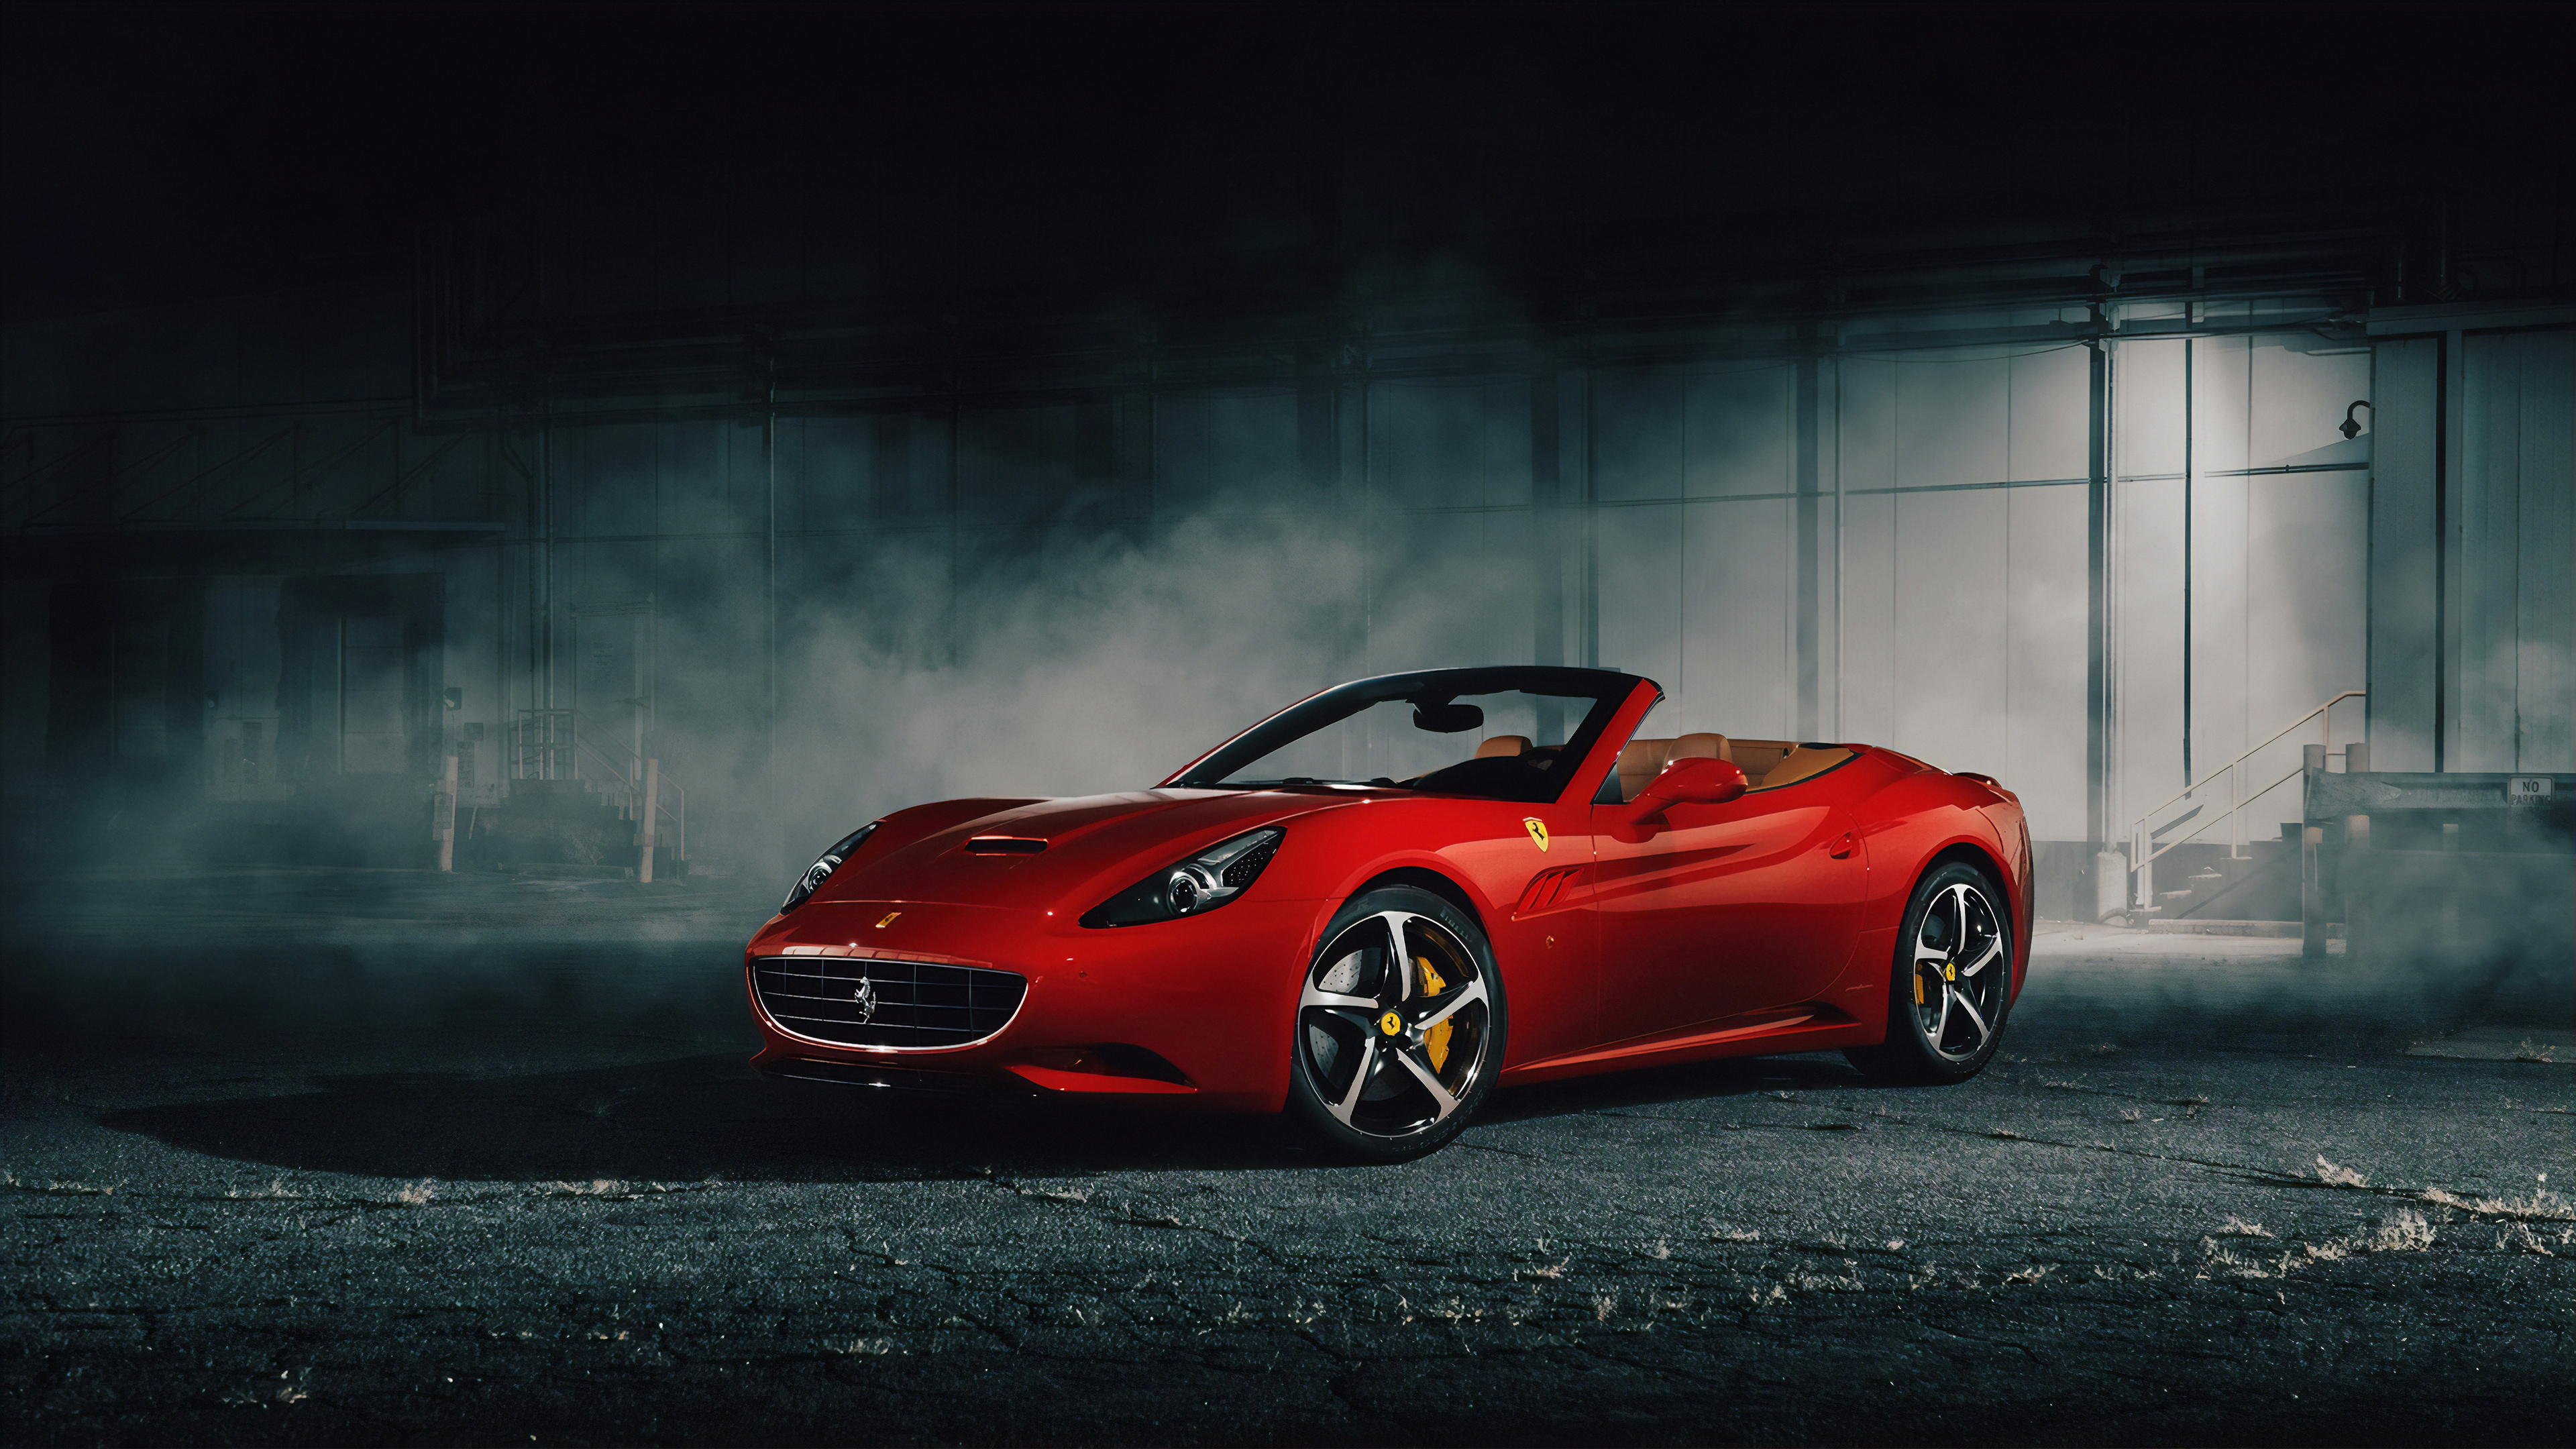 california ferrari 2019 1565055059 - California Ferrari 2019 - hd-wallpapers, ferrari wallpapers, cars wallpapers, behance wallpapers, 4k-wallpapers